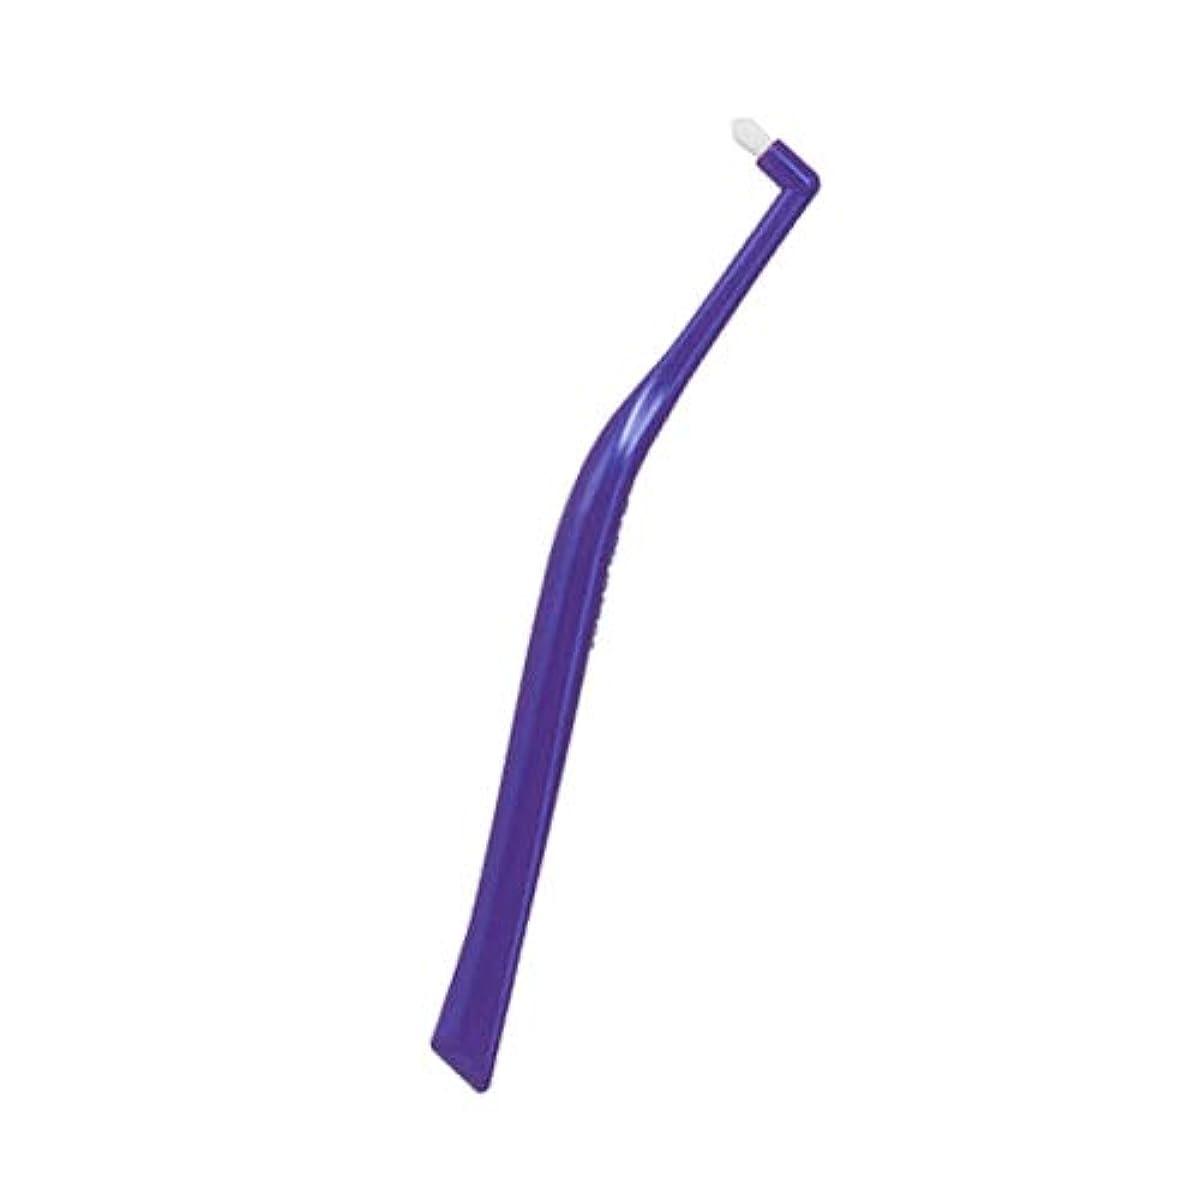 膜考えた使い込むオーラルケア ジャスライ (Just Right) 歯ブラシ × 1本(パープル)ワンタフトブラシ ワンタフト 歯科専用